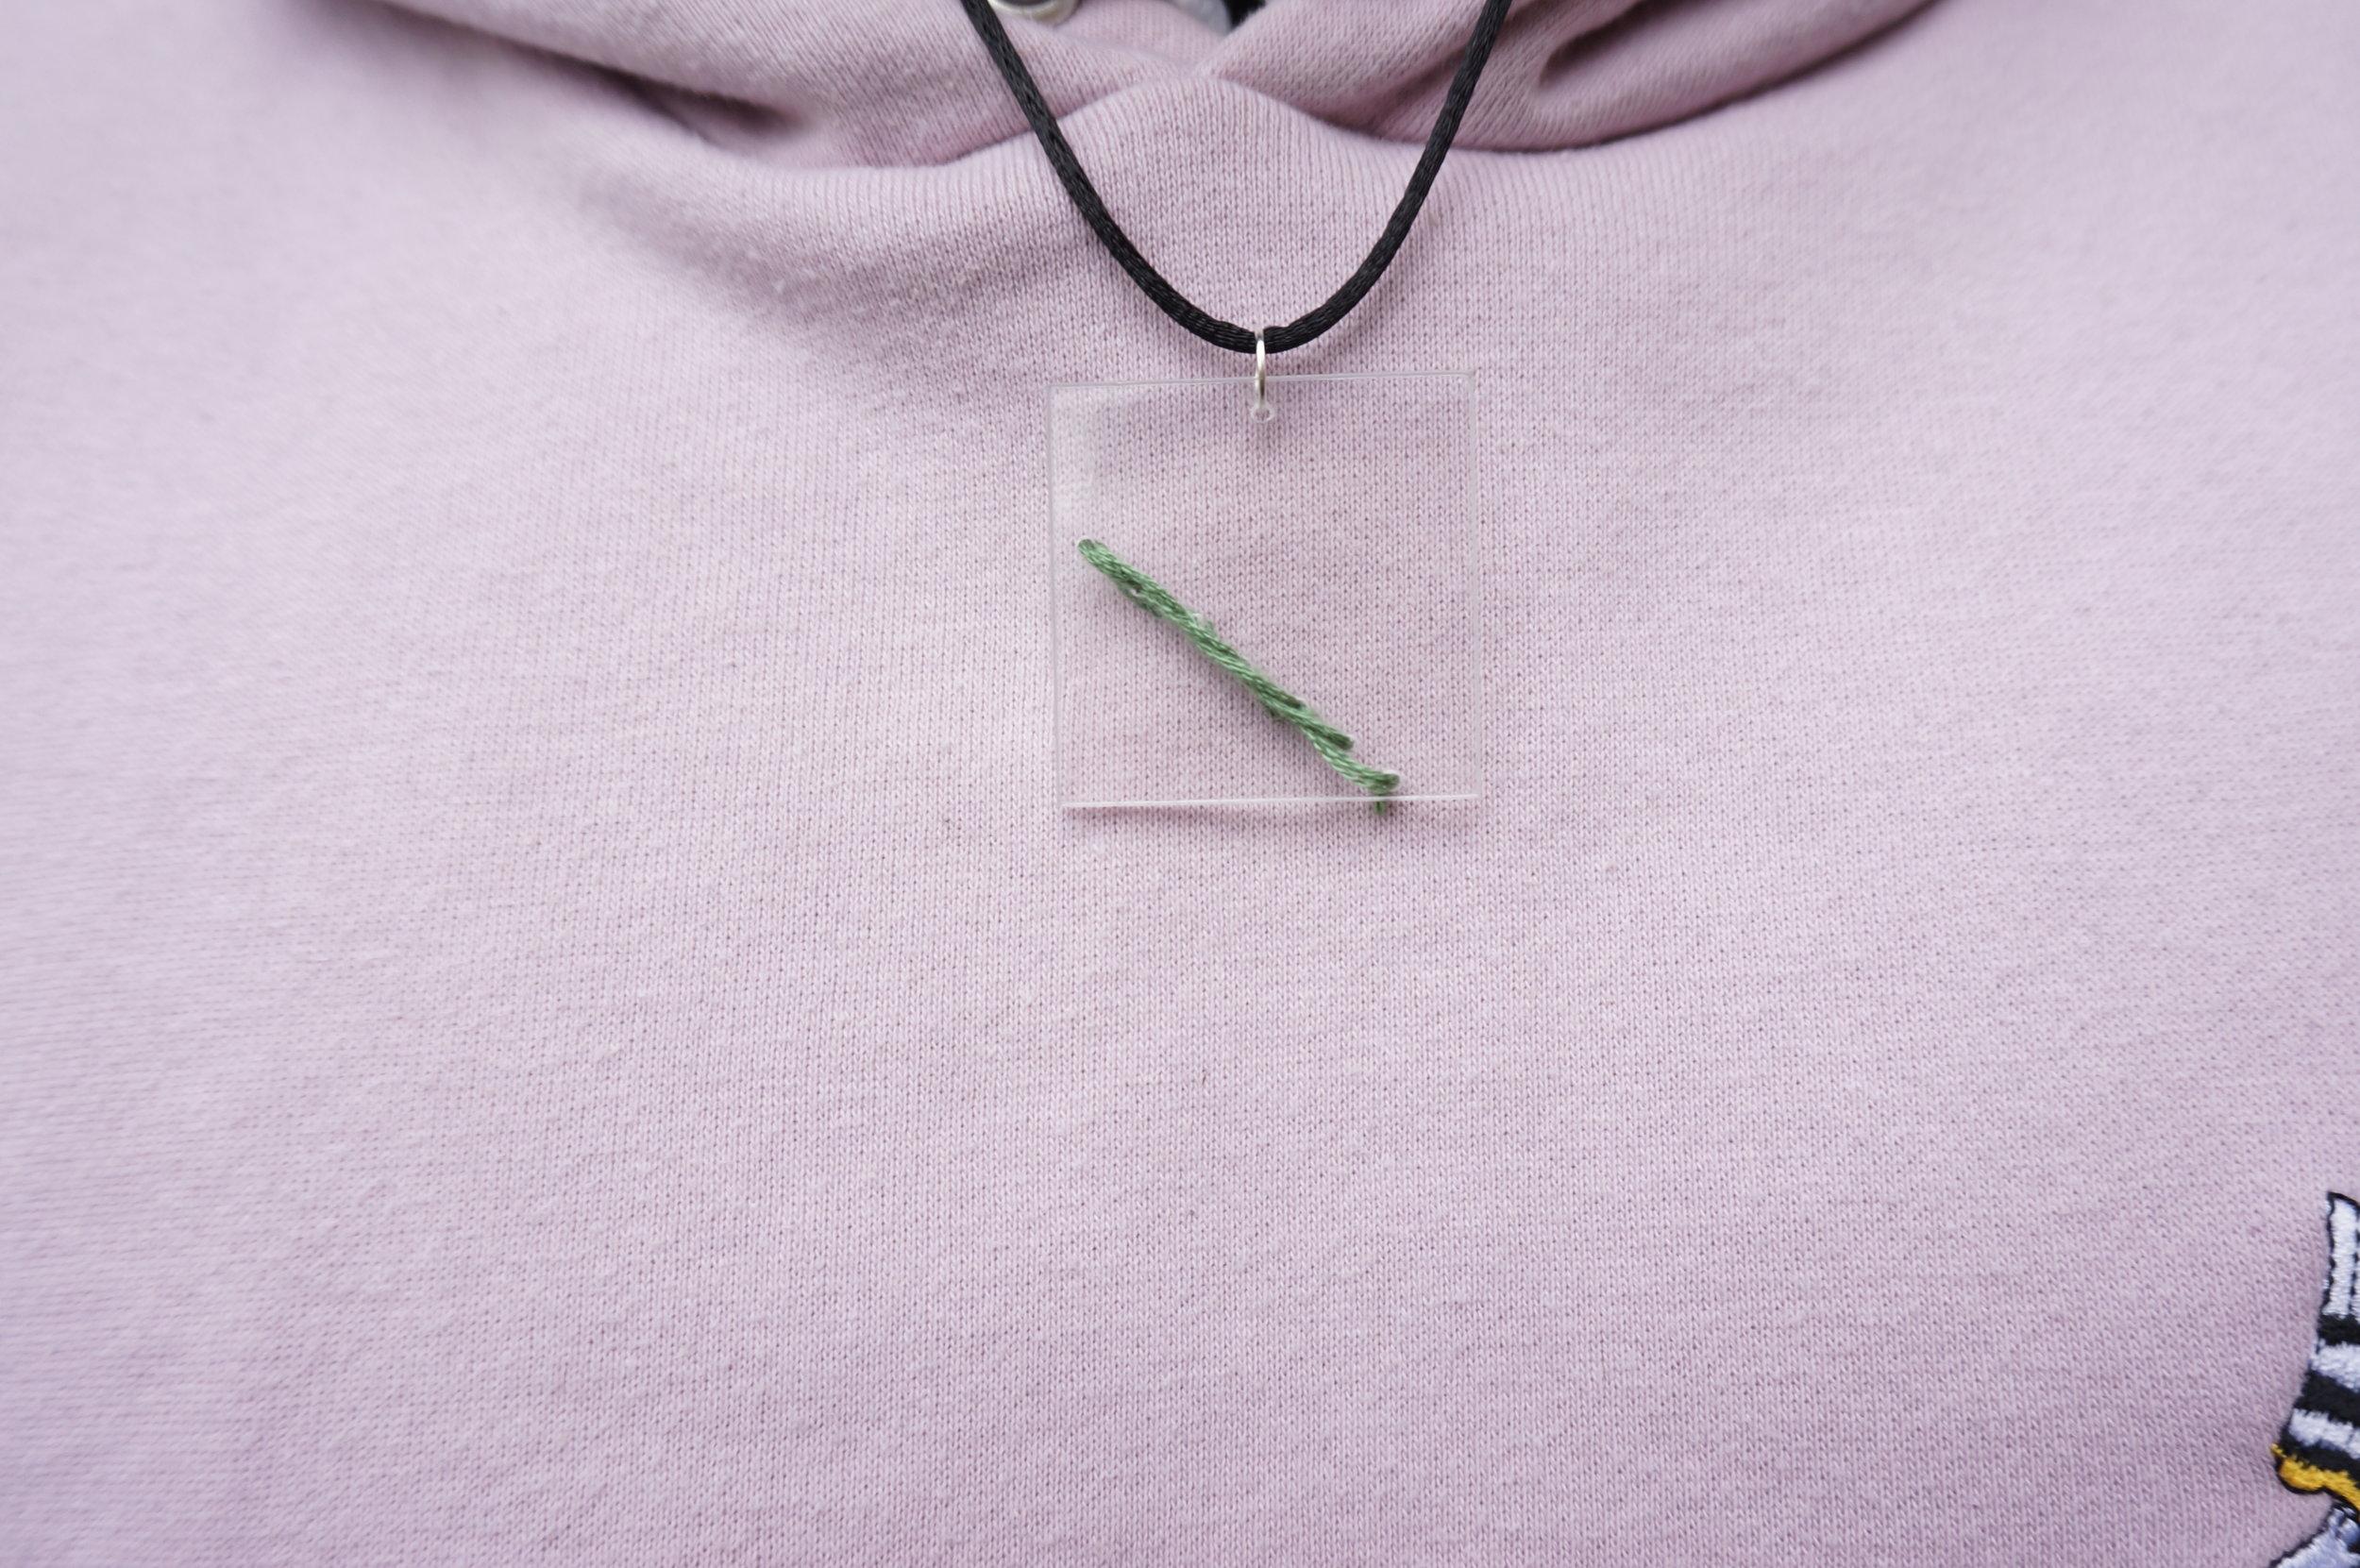 green line closeup.JPG